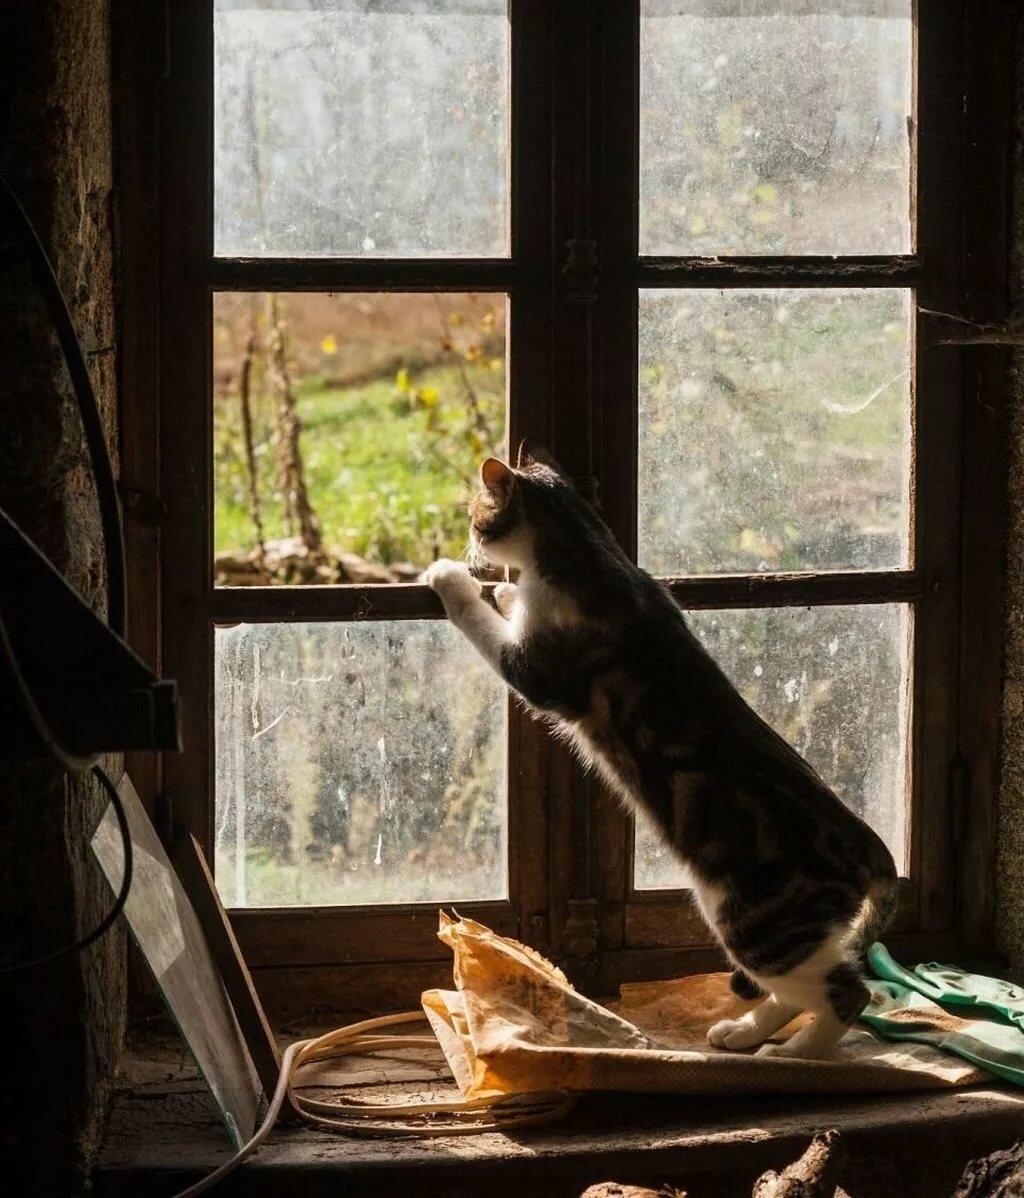 без милая картинка окно актера сдали